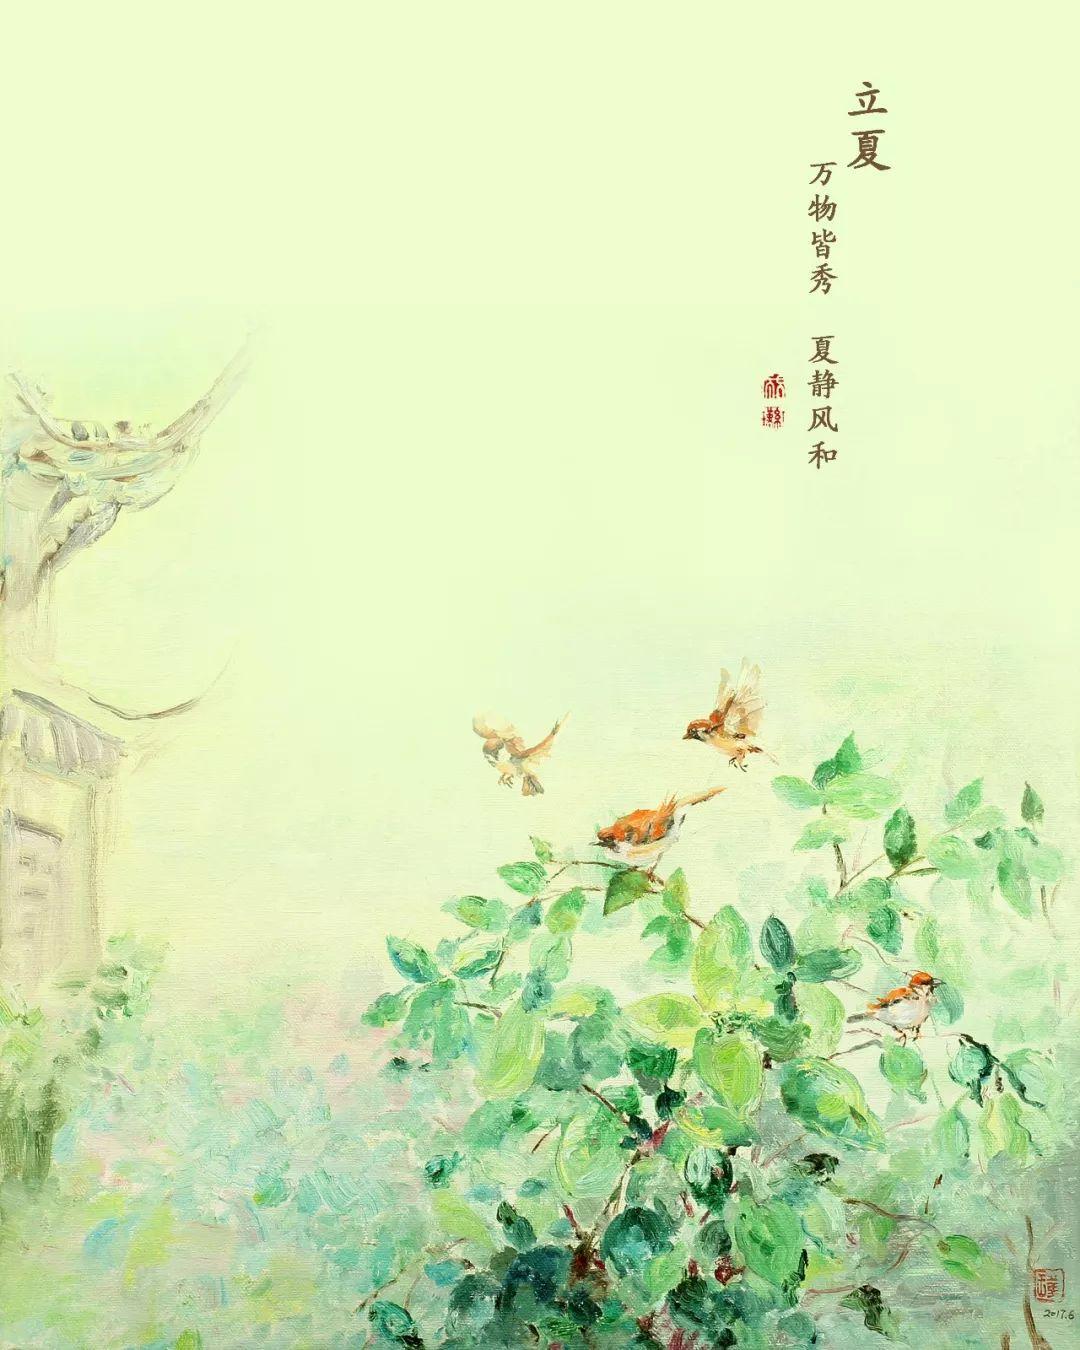 小满《小满》【宋】欧阳修长空啼绿柳,皓月醒夜莺.猞猁柠猫兔狲图片